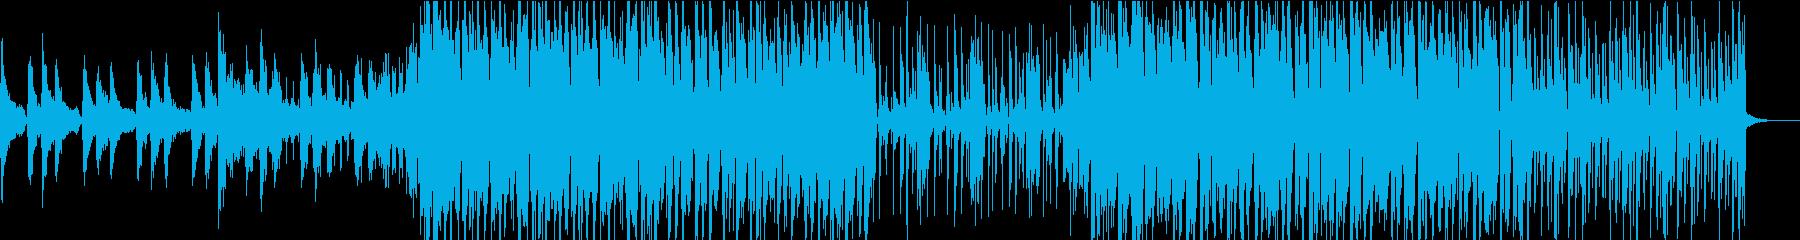 ディスコ風なベースとサックスのハウスの再生済みの波形